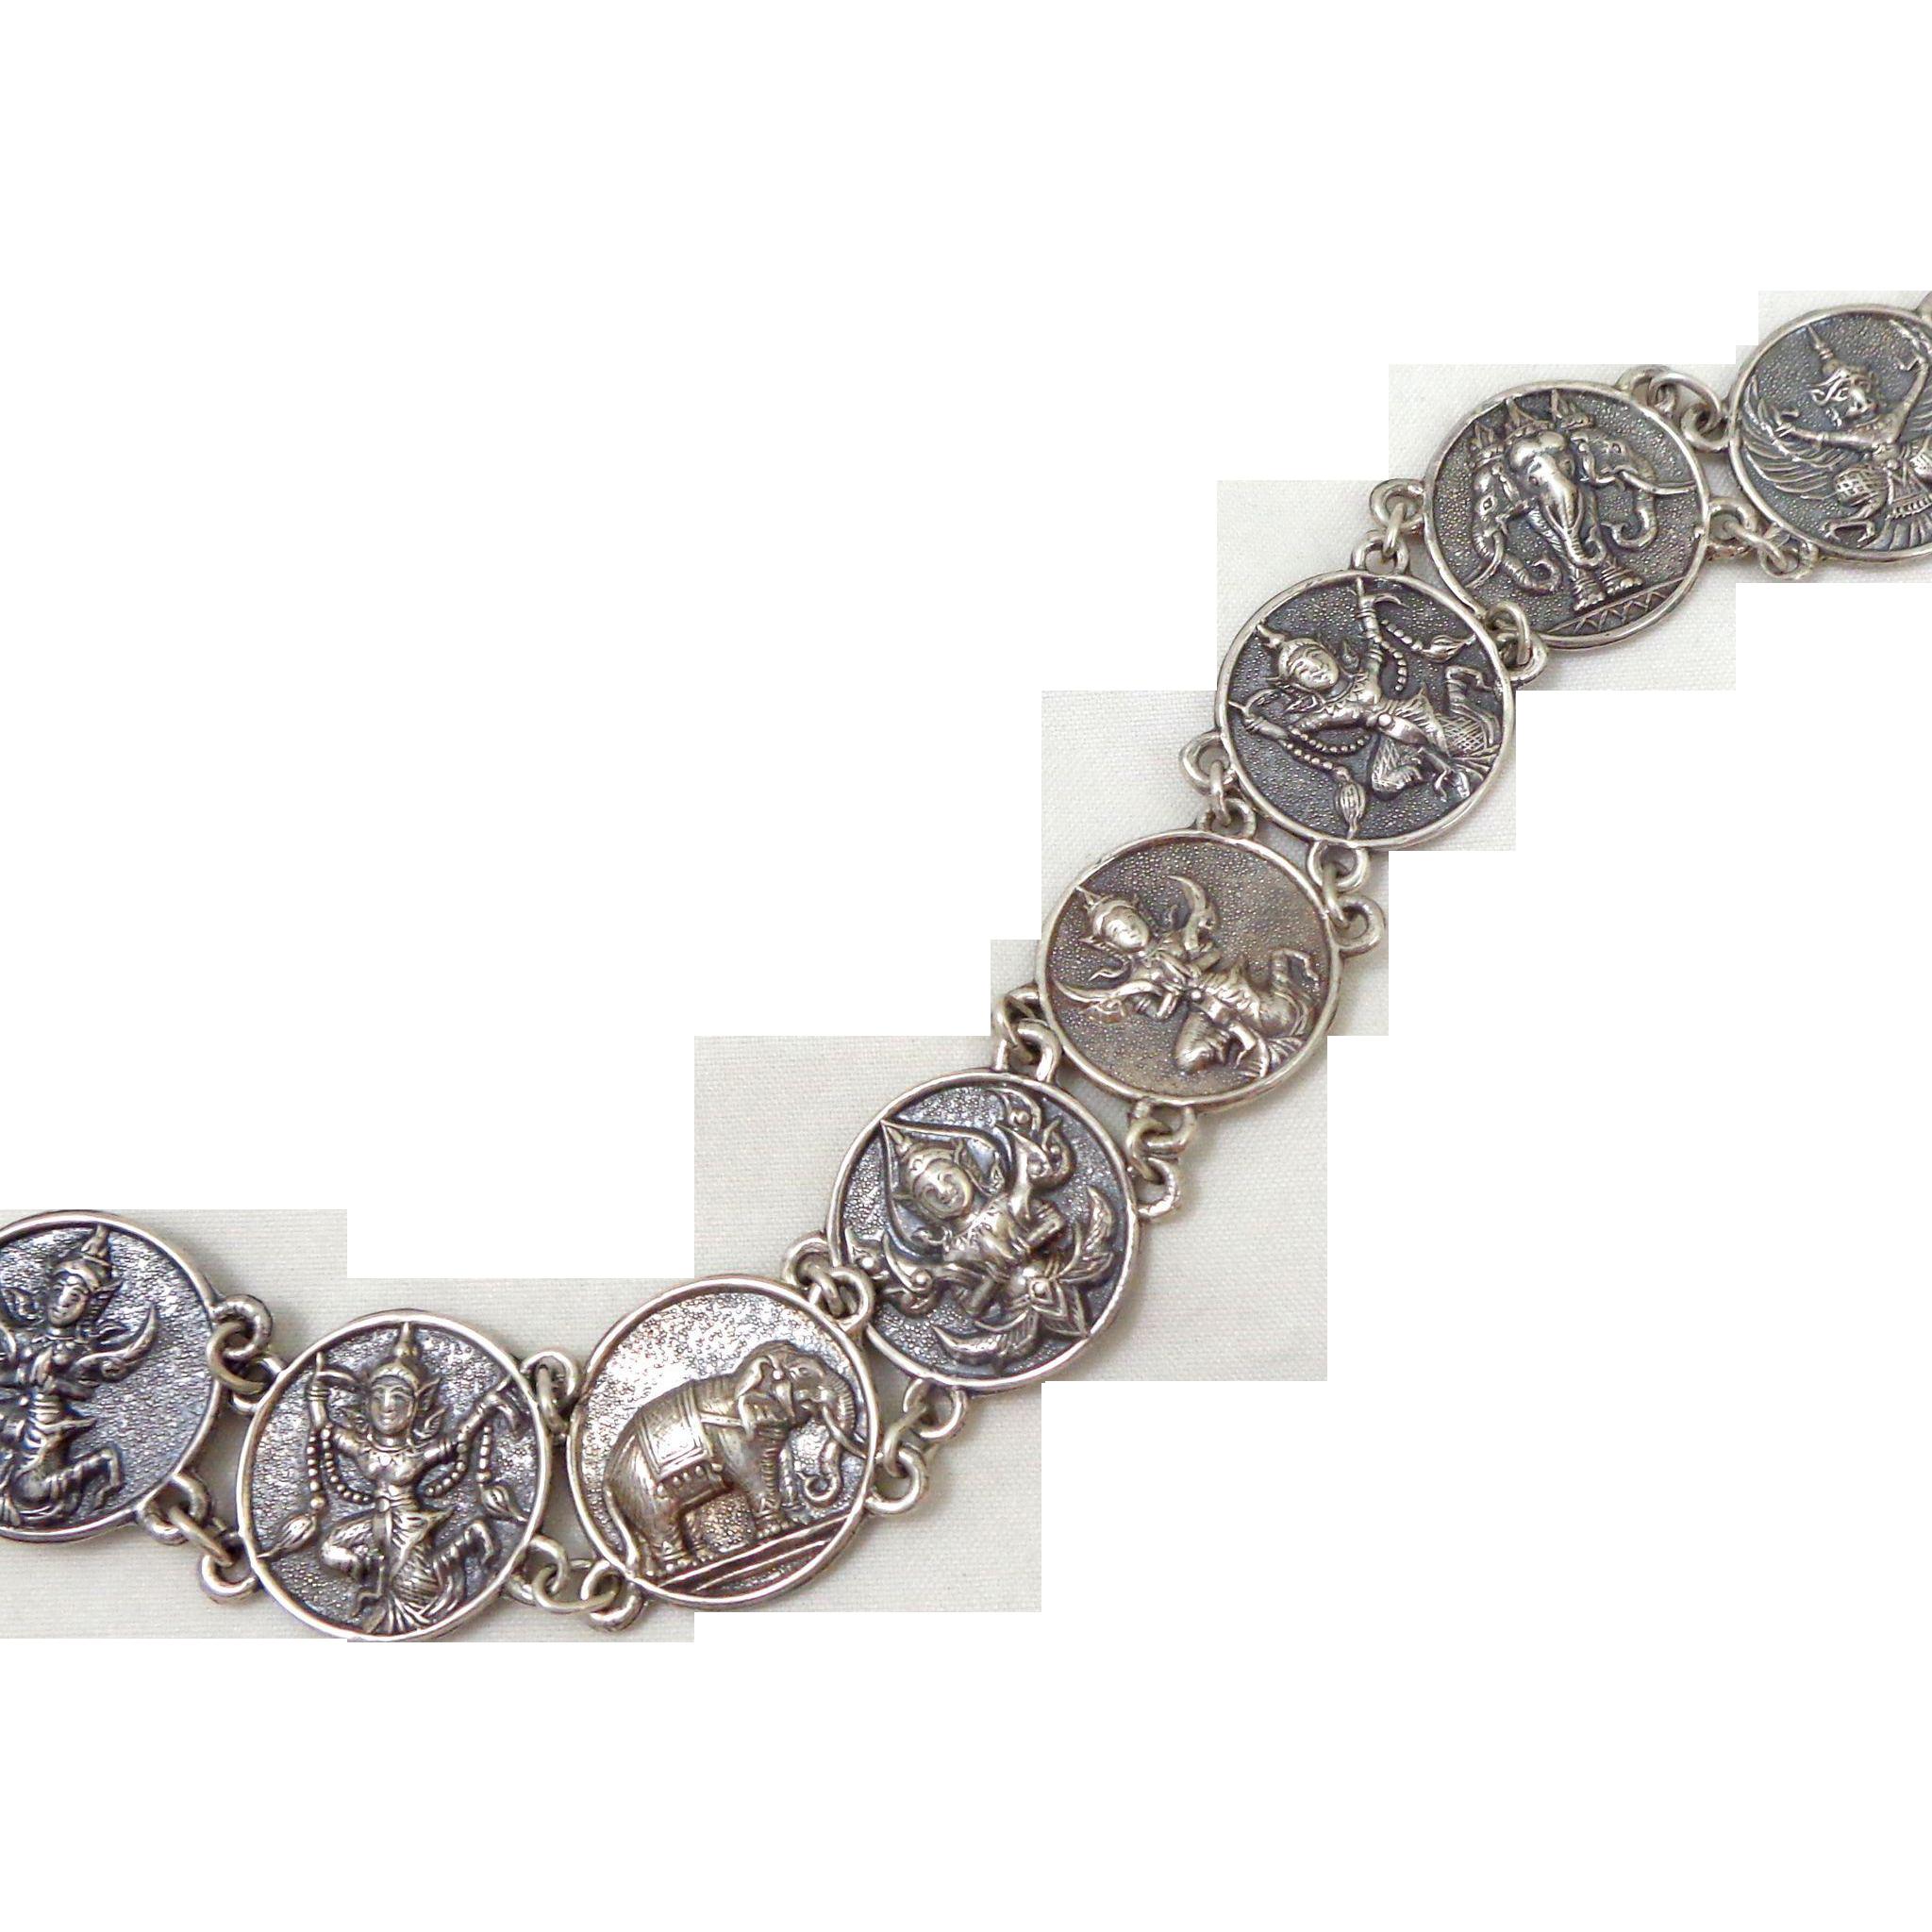 Vintage Sterling Silver Repousse Siamese Goddesses, Dancers & Elephants Bracelet